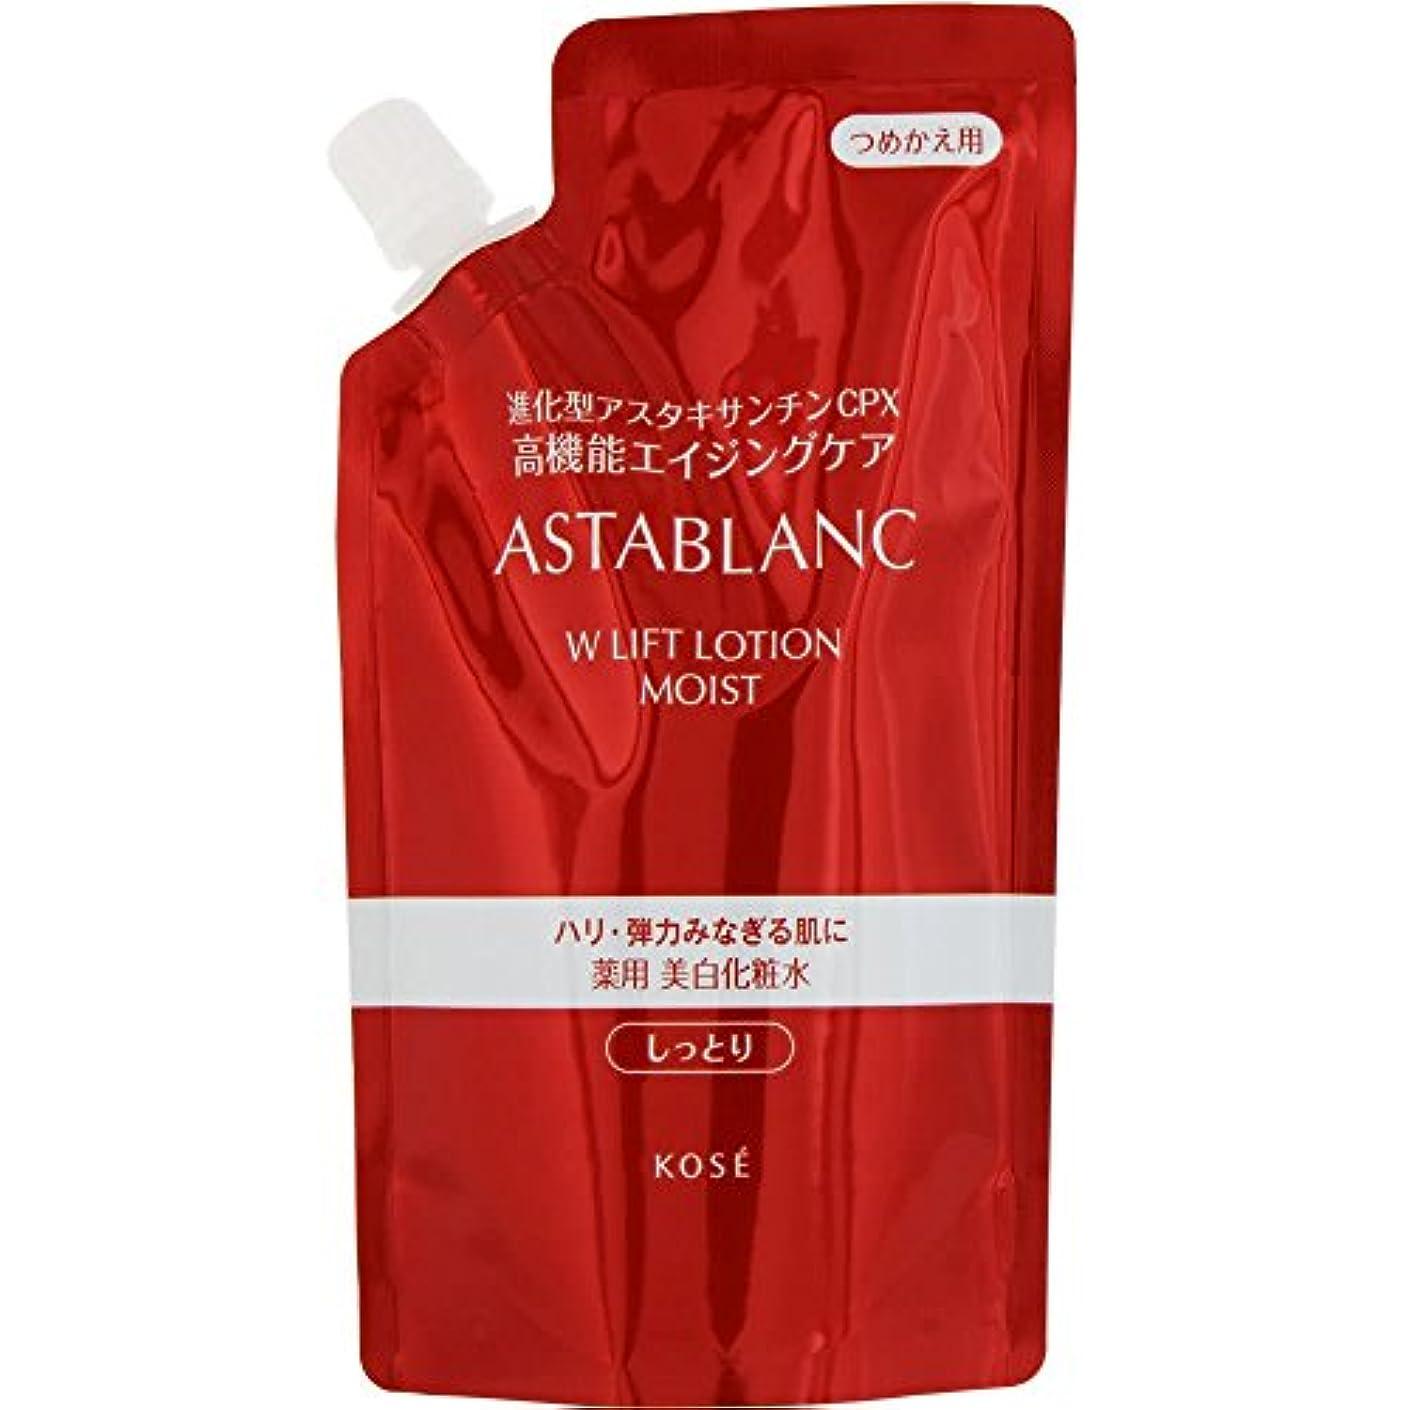 電話に出る凶暴な等価ASTABLANC(アスタブラン) アスタブラン Wリフト ローション しっとり 化粧水 詰替え用 130mL